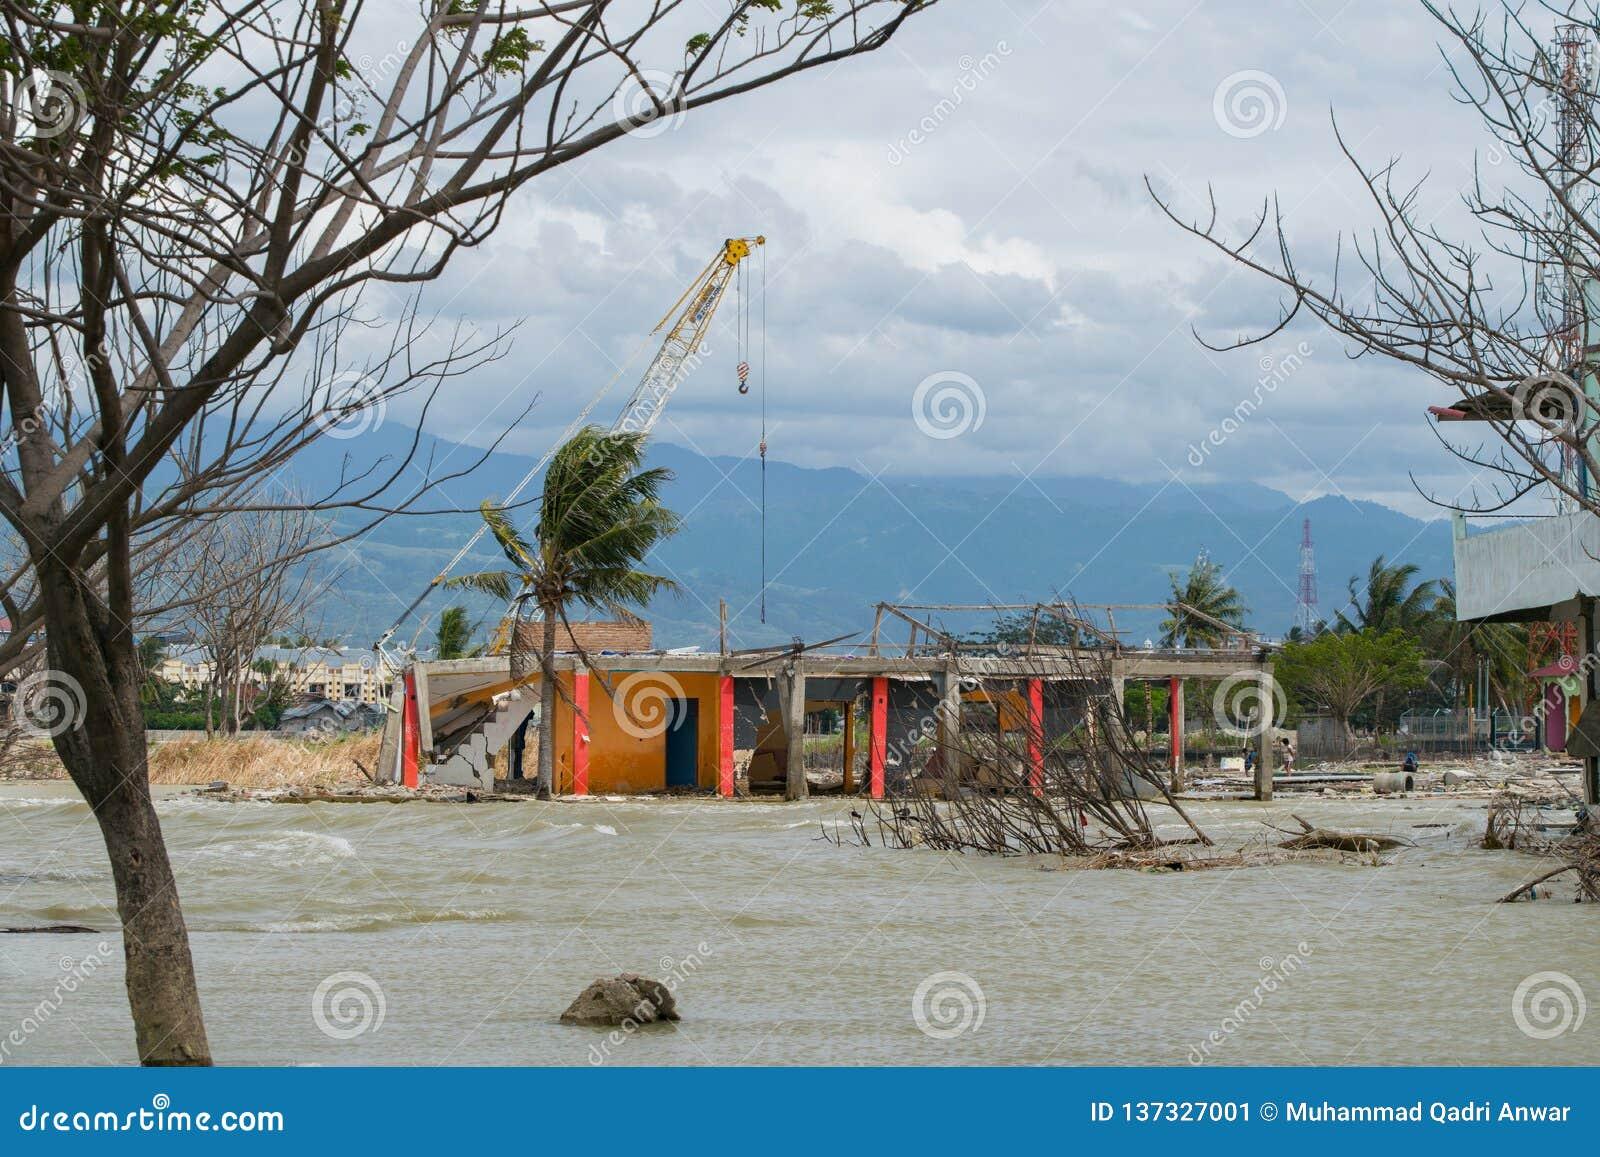 Καθαρίζοντας τη χαλασμένη κατασκευή μετά από το τσουνάμι Palu στις 28 Σεπτεμβρίου 2018